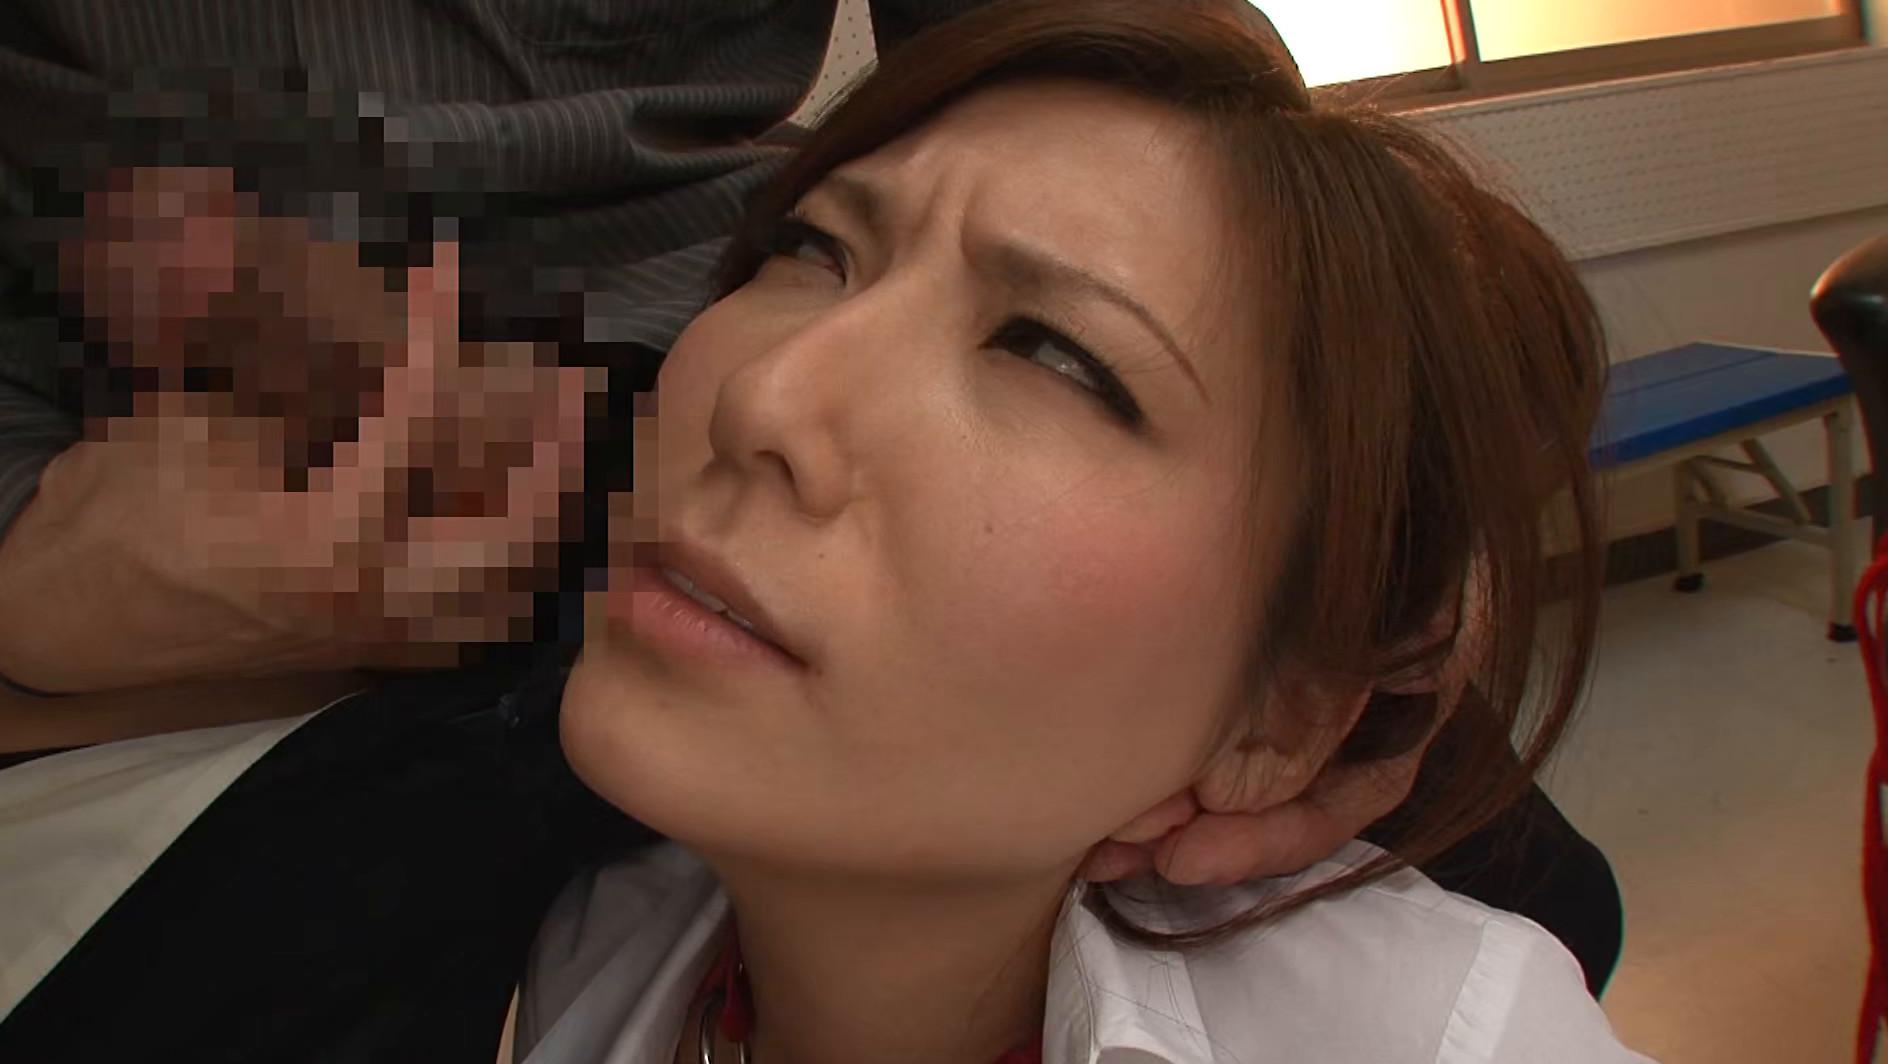 そんな弱っちい目で見ないでくださいよぉ・・・いつもは怖~い椎名先生(笑) 椎名ゆな 画像12